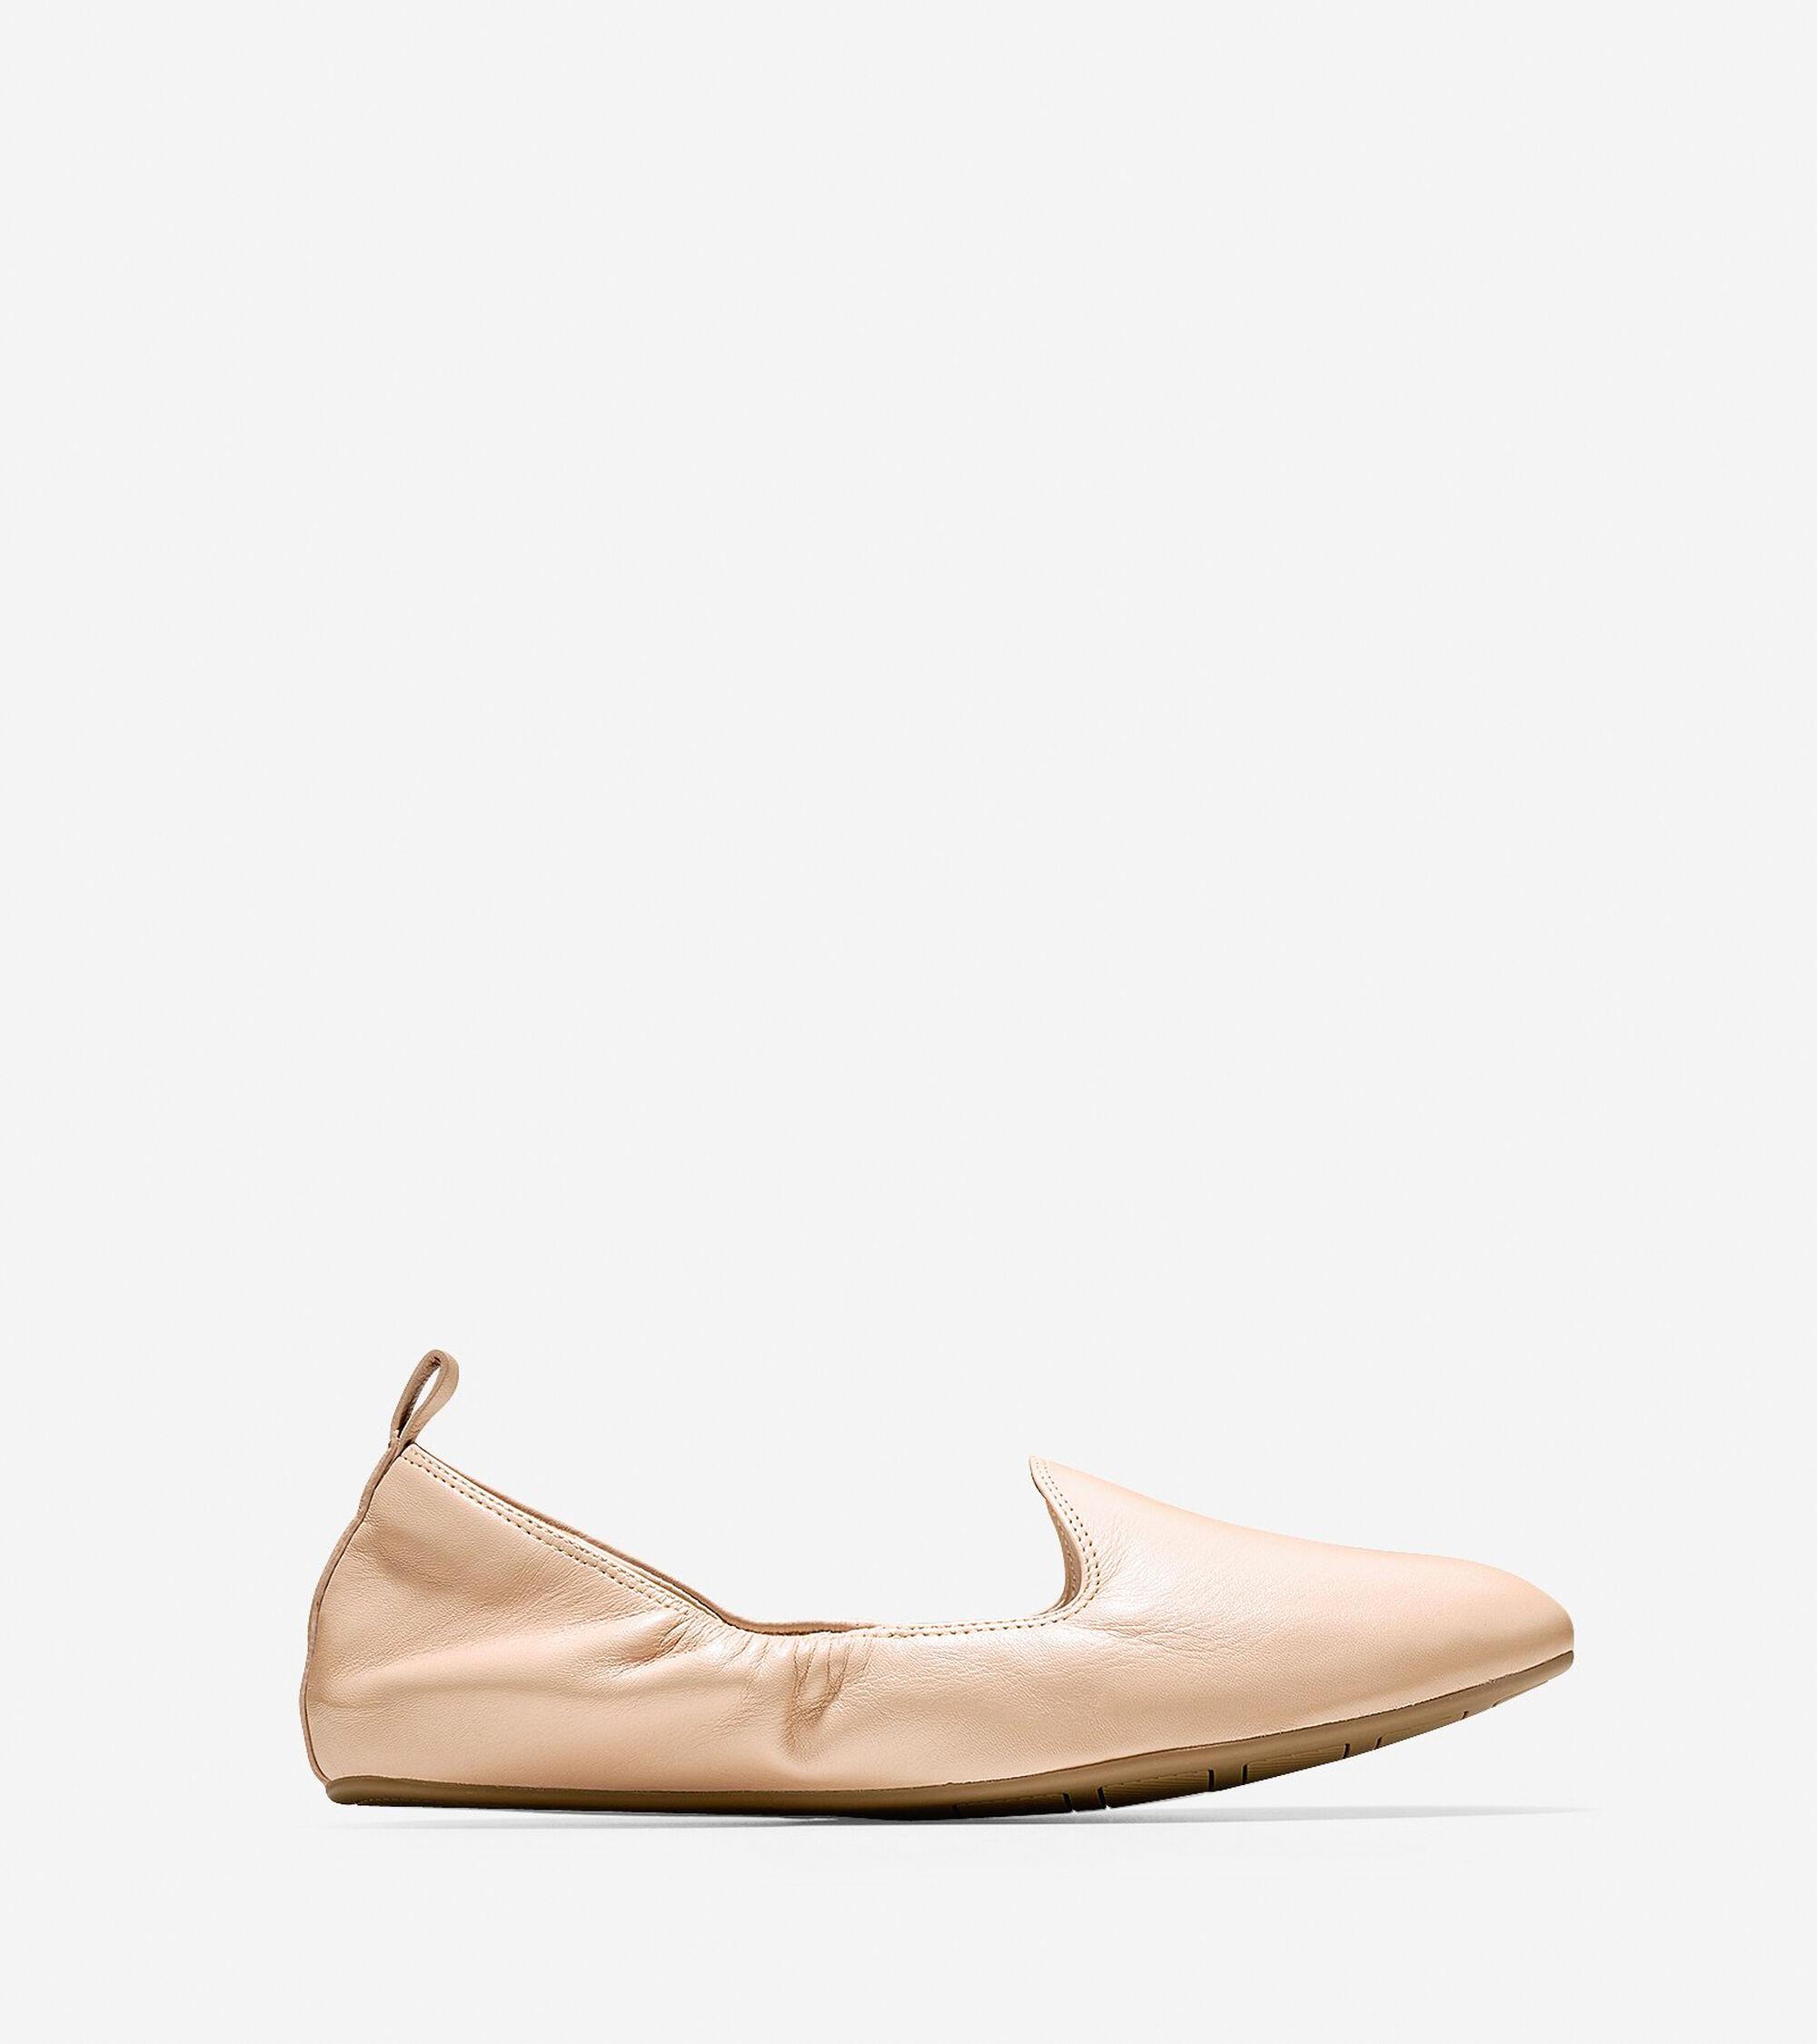 Ballet Flats & Wedges > Tali Loafer Ballet